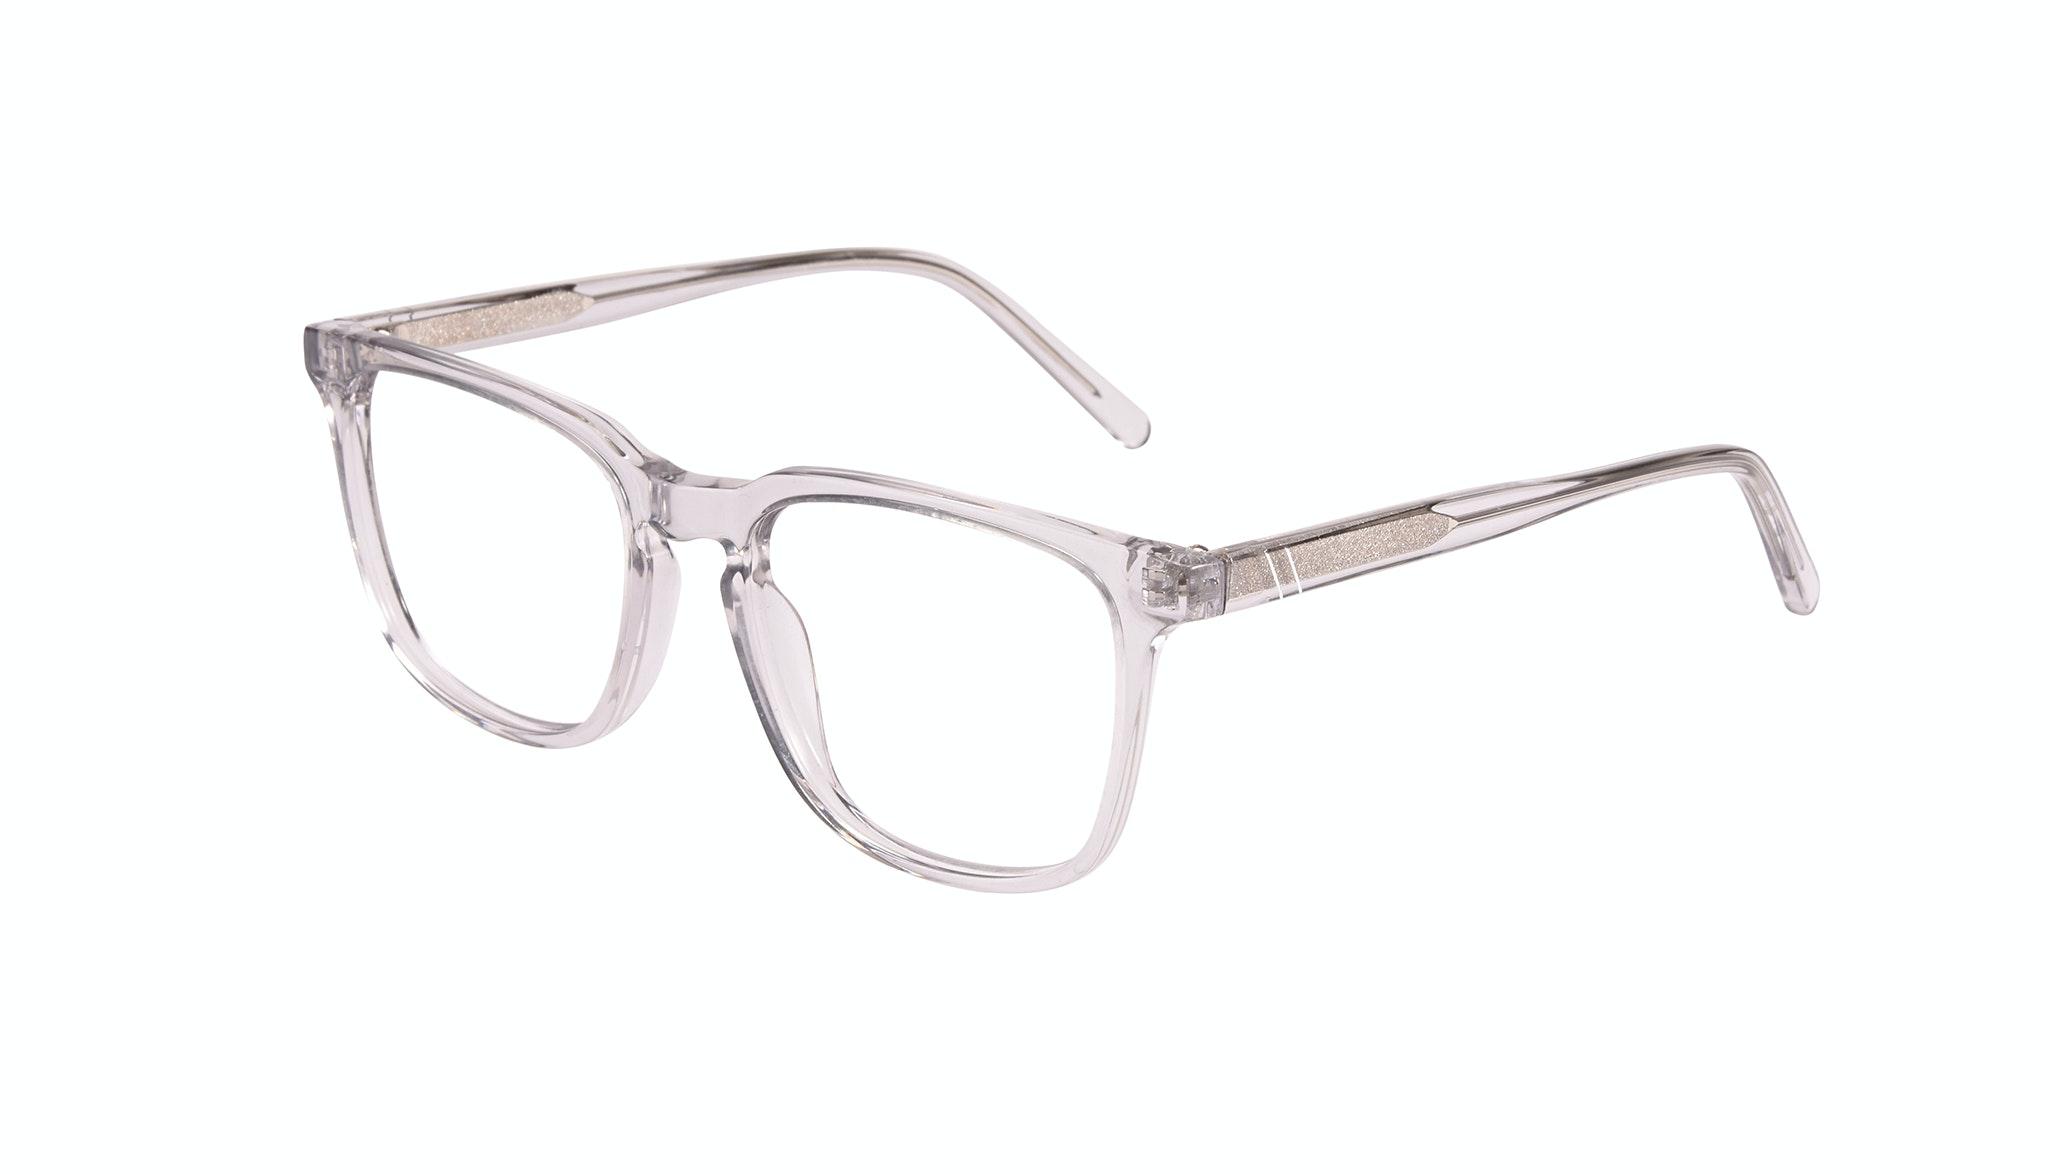 Affordable Fashion Glasses Rectangle Eyeglasses Men Trace grey Tilt